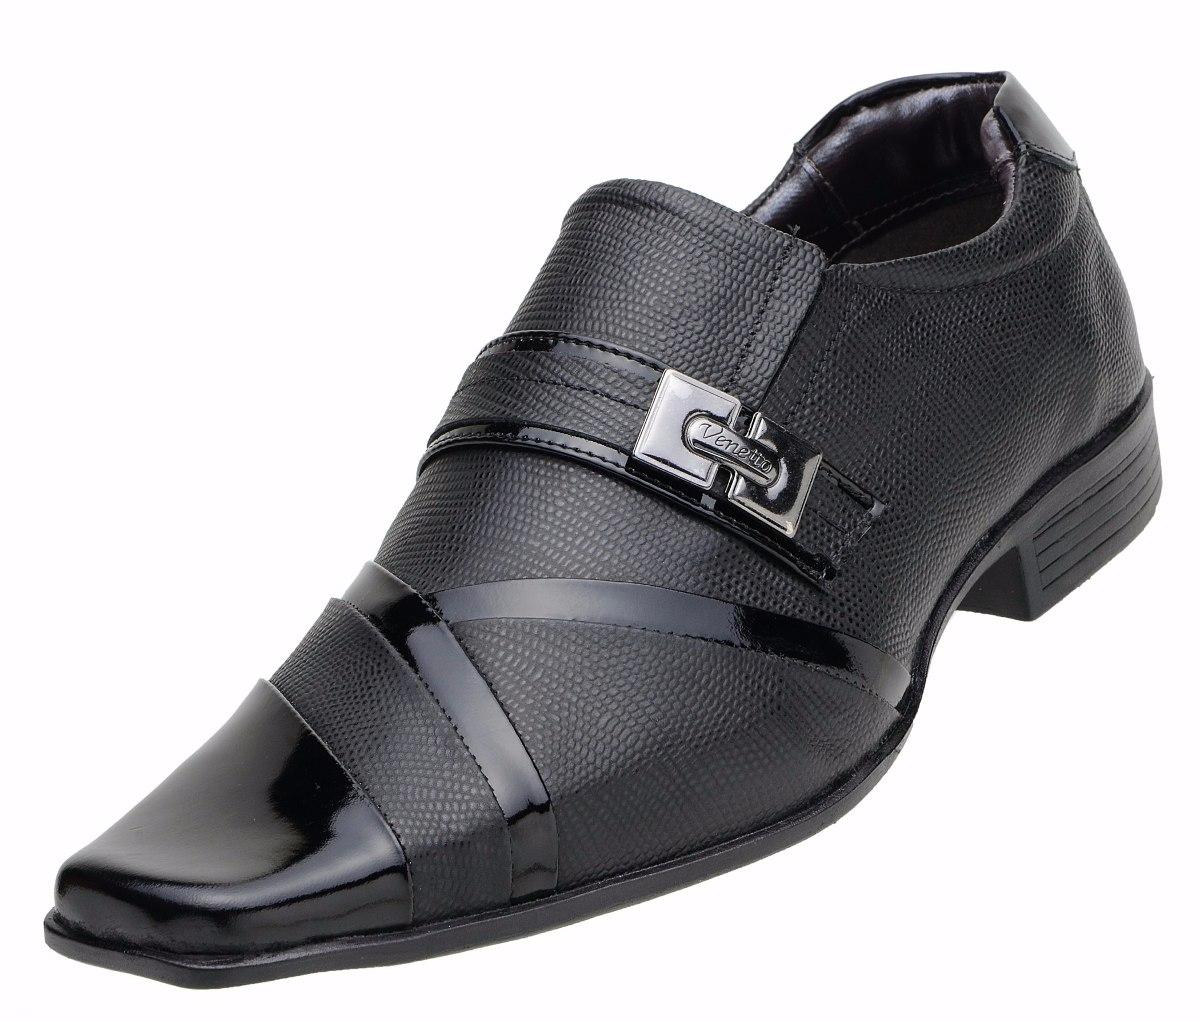 0594af59a Sapato Social Masculino Venetto Couro Legítimo - 8126 - R$ 119,90 em ...